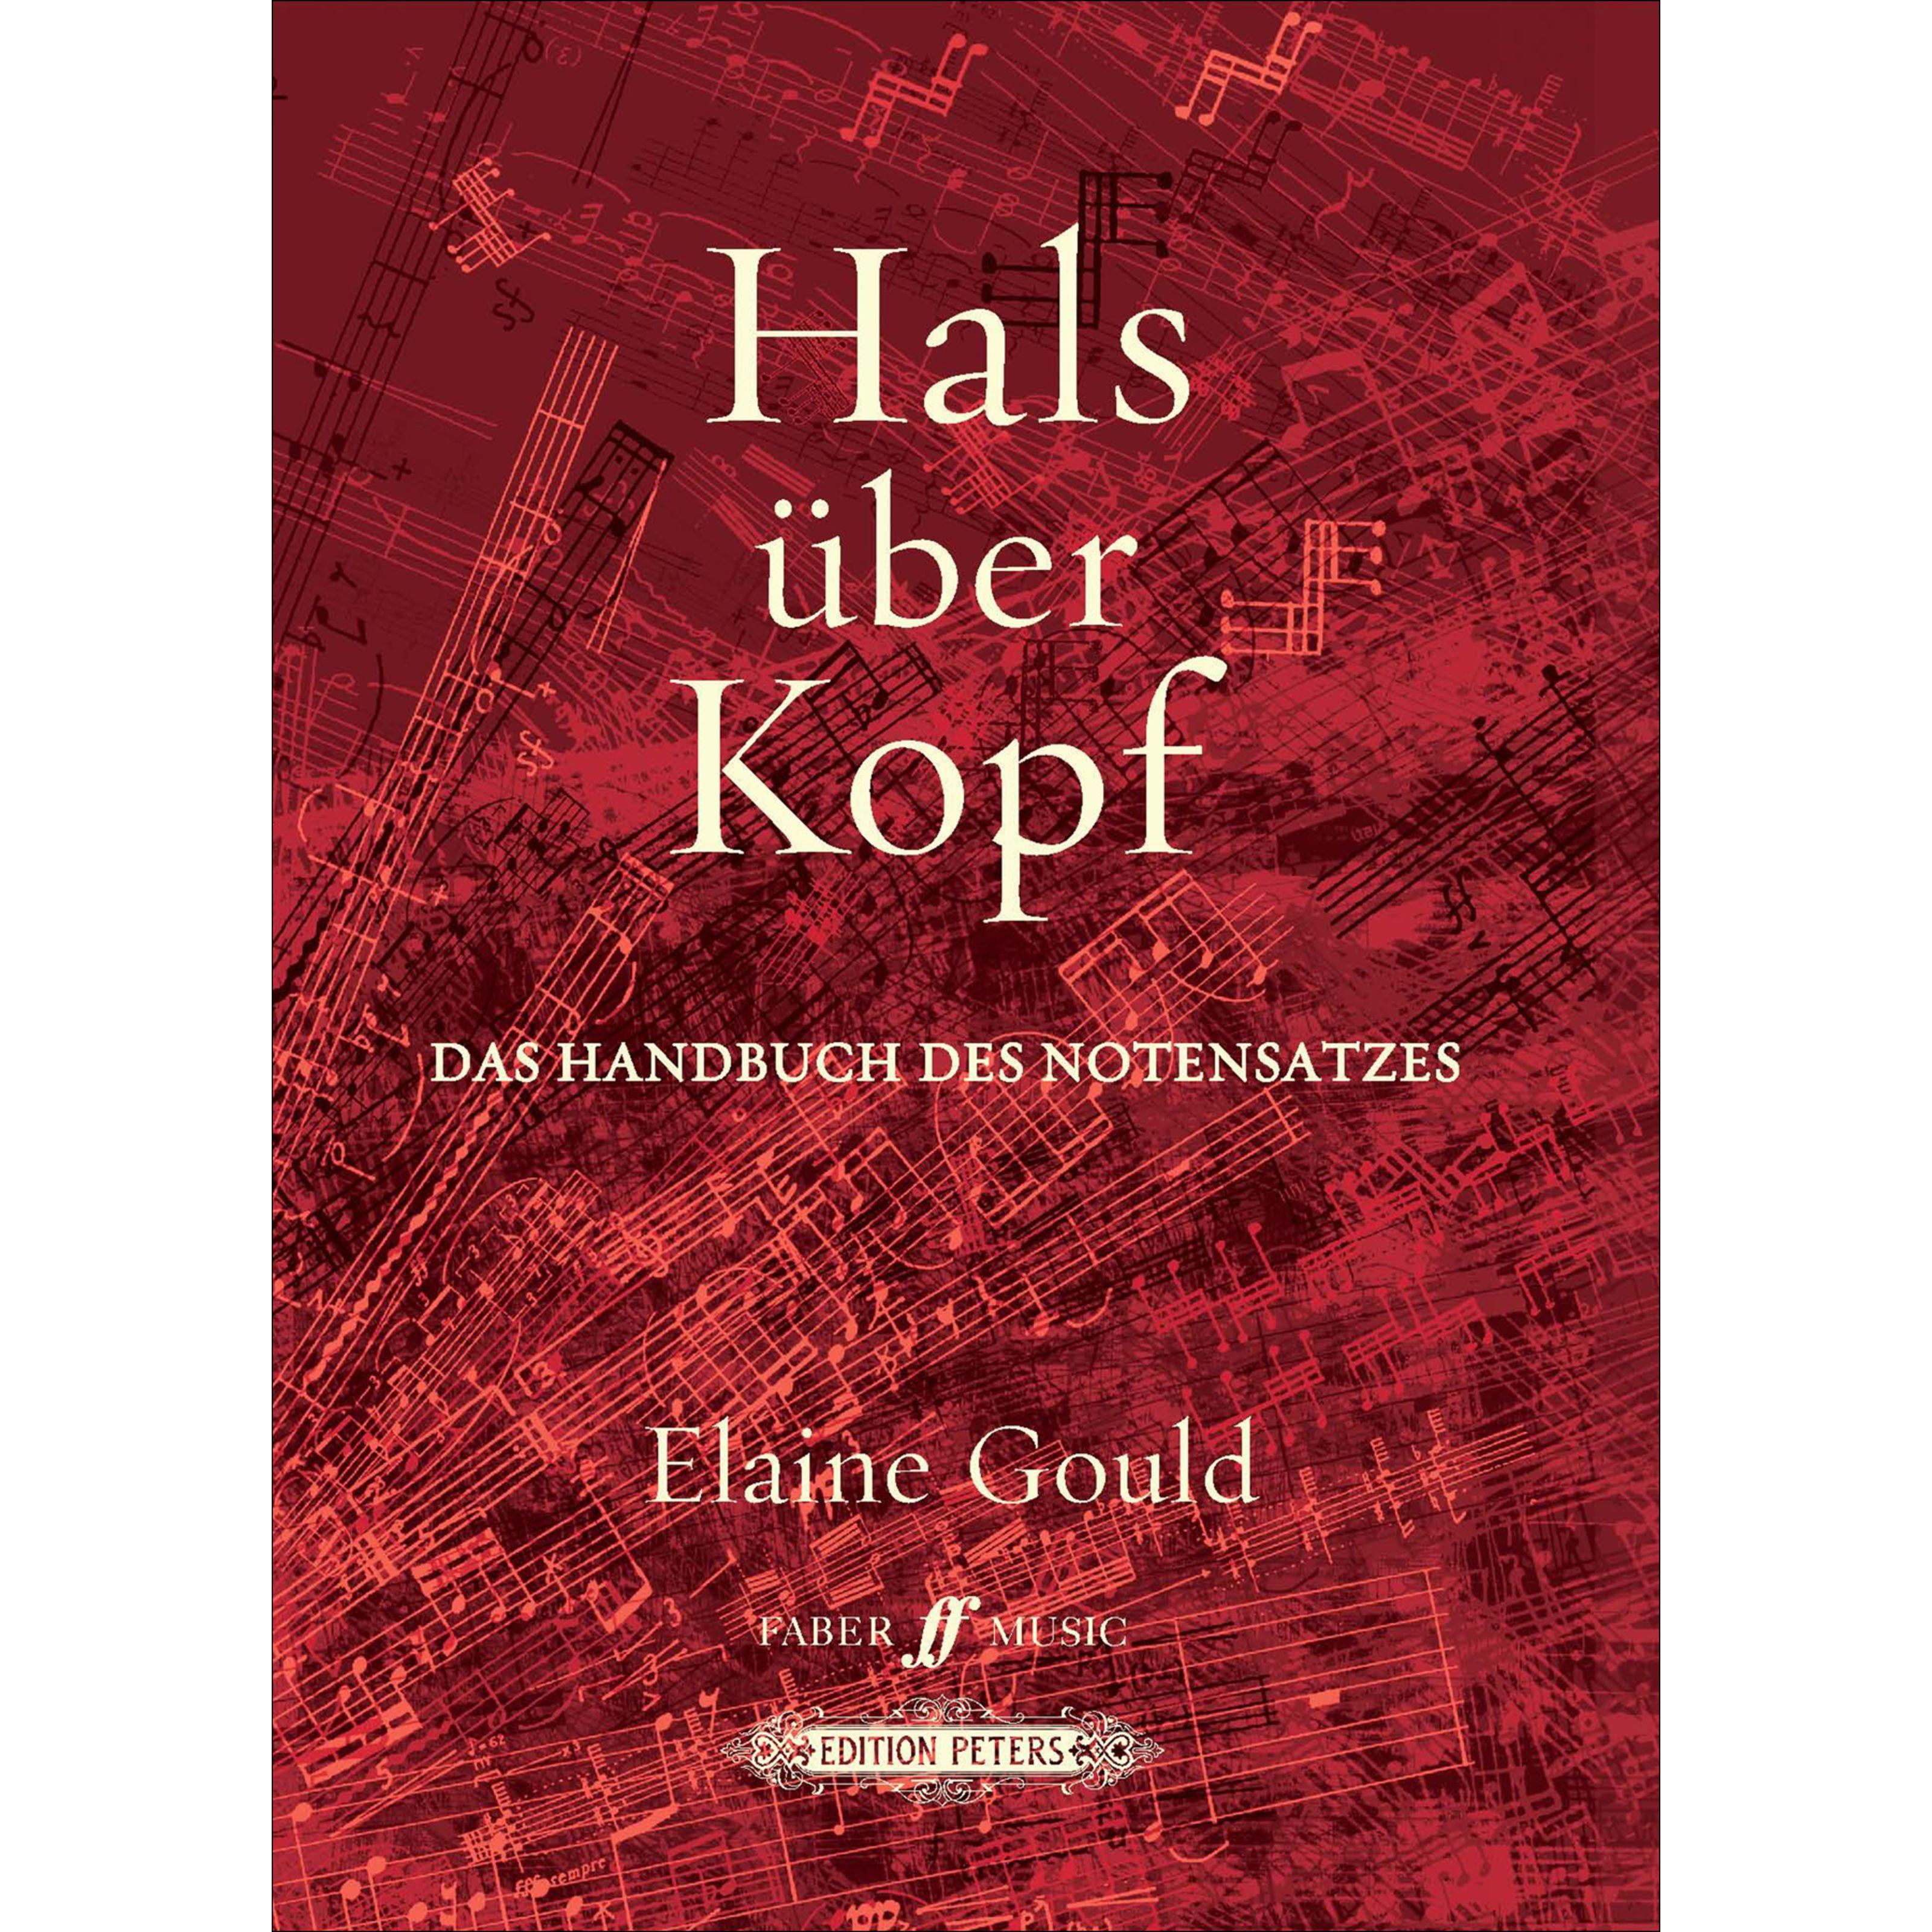 Faber Music - Hals über Kopf Elaine Gould EPF 72478